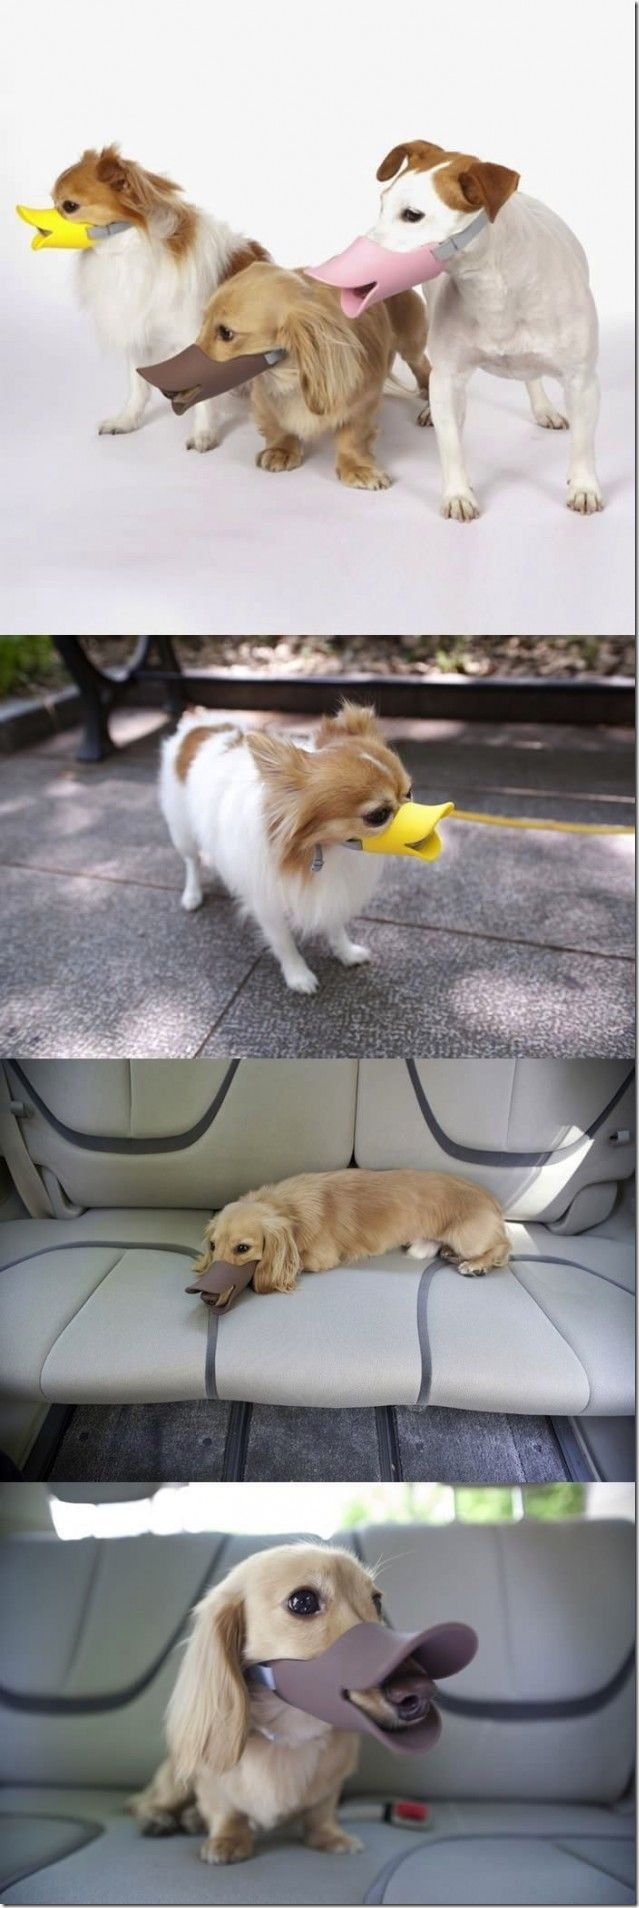 アヒル口の犬